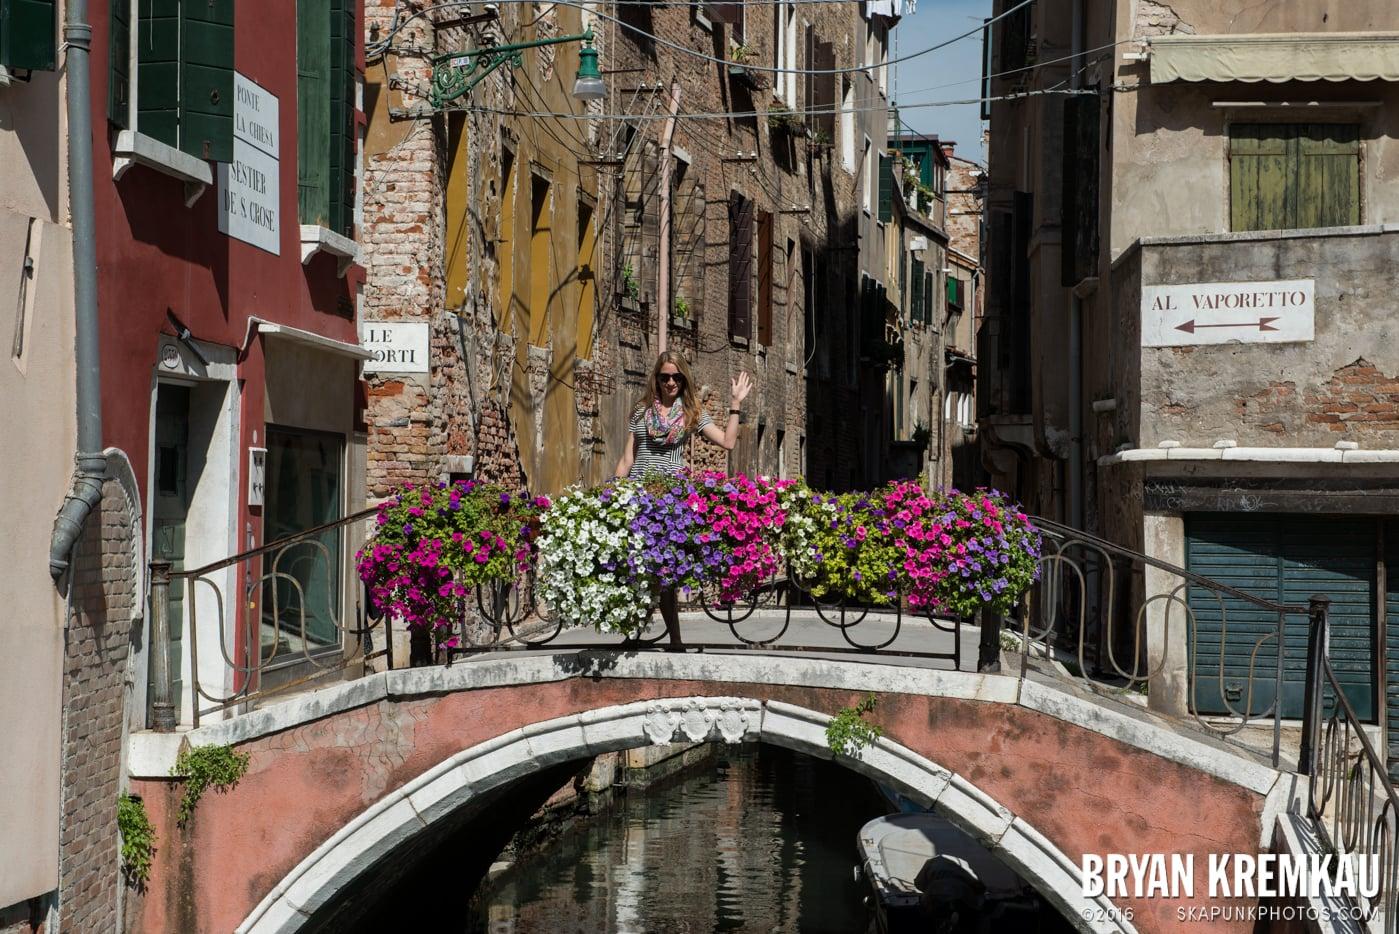 Italy Vacation - Day 5: Venice - 9.13.13 (49)